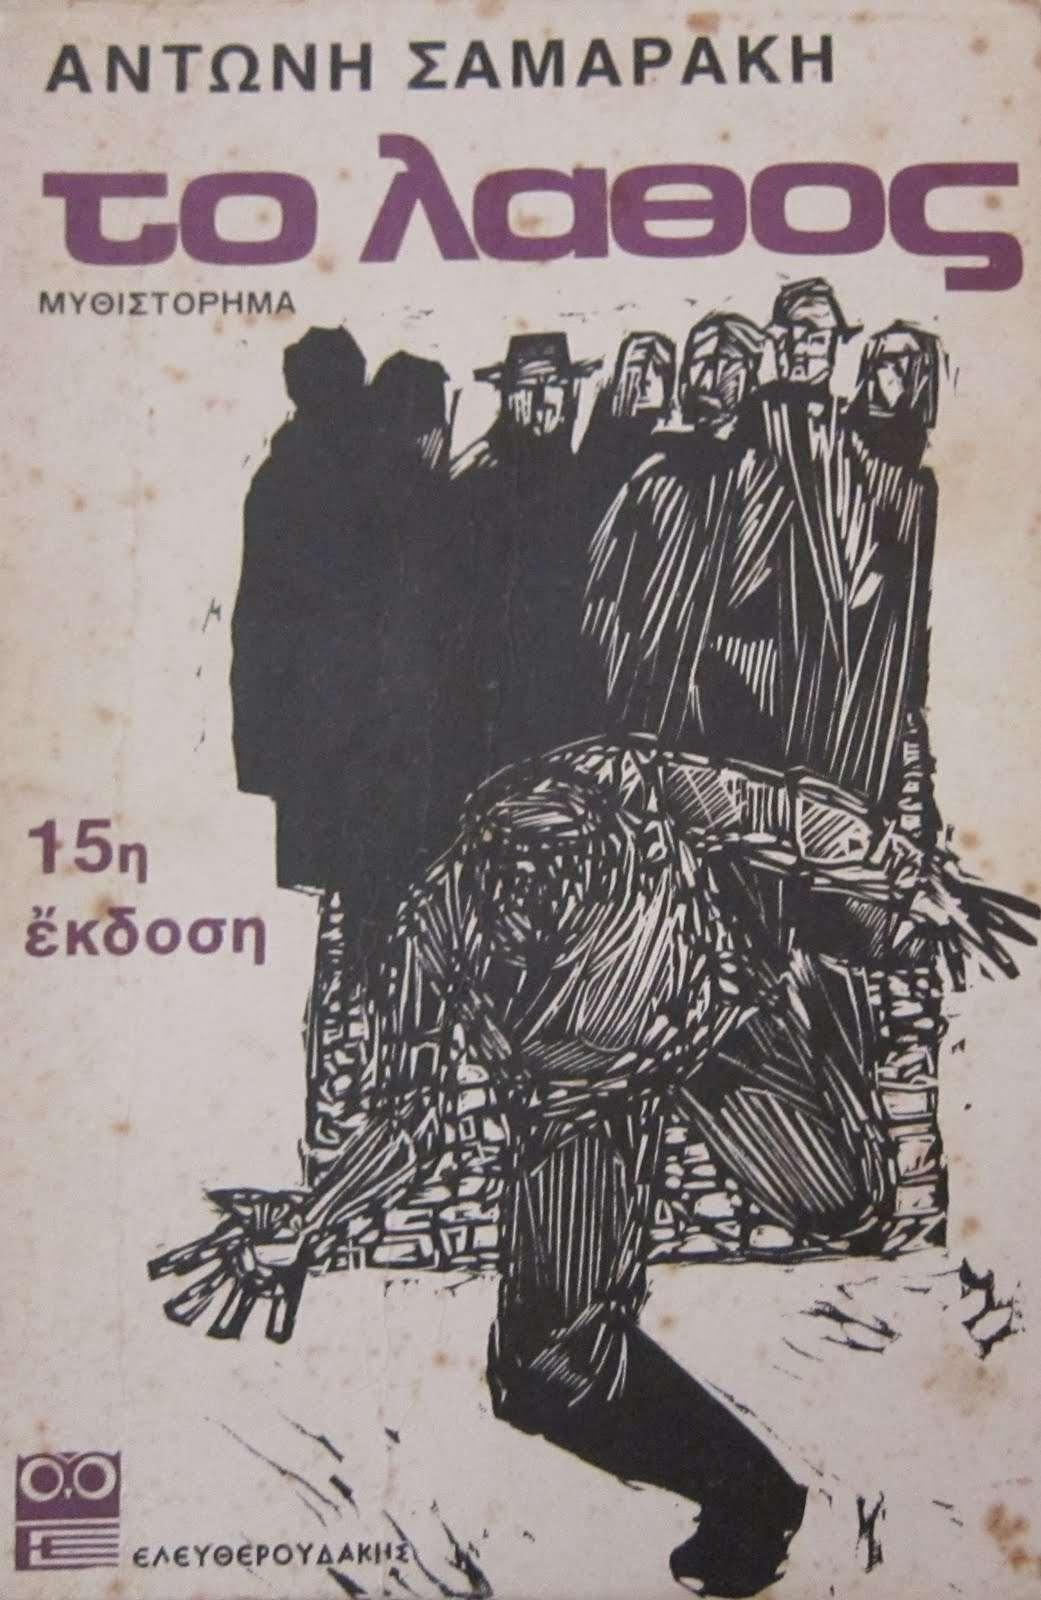 Ο Αντώνης Σαμαράκης (Αθήνα, 16 Αυγούστου 1919 – Πύλος Μεσσηνίας, 8 Αυγούστου 2003) ήταν Έλληνας πεζογράφος της μεταπολεμικής γενιάς, το έργο του οποίου έτυχε διεθνούς αναγνώρισης.